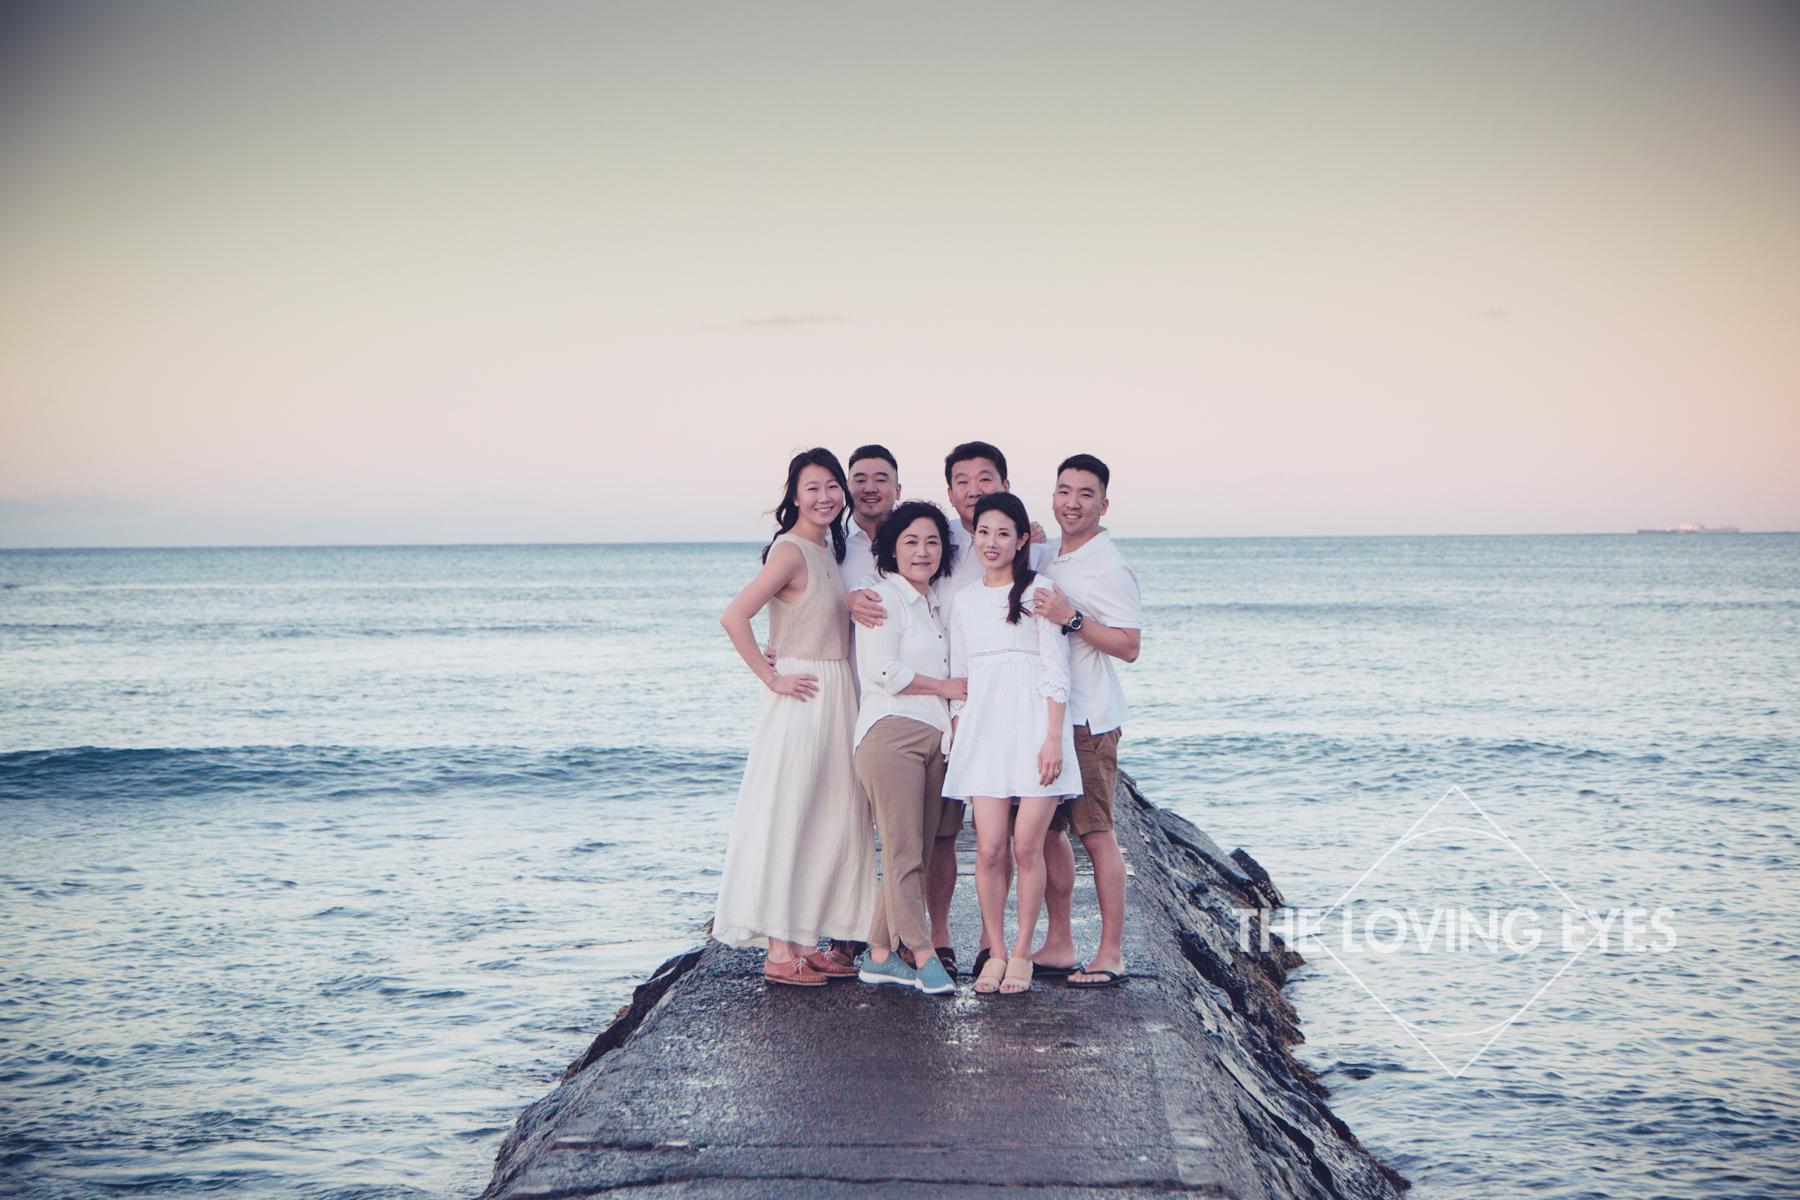 Family portrait in Waikiki Beach